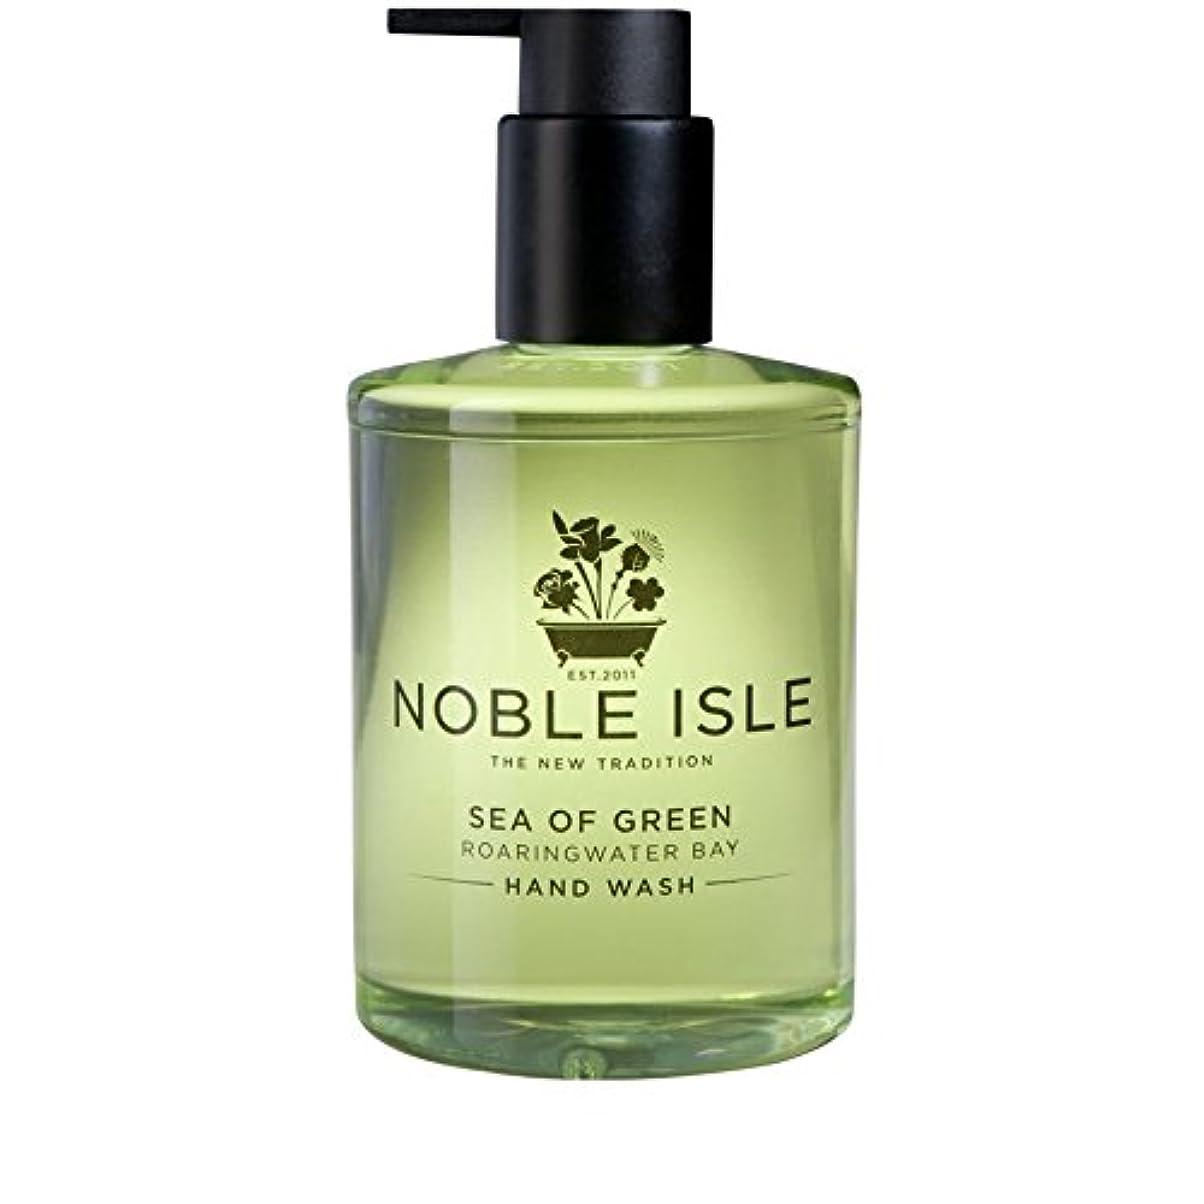 ロマンチックエスカレーター歩道緑ベイハンドウォッシュ250ミリリットルの高貴な島の海 x2 - Noble Isle Sea of Green Roaringwater Bay Hand Wash 250ml (Pack of 2) [並行輸入品]